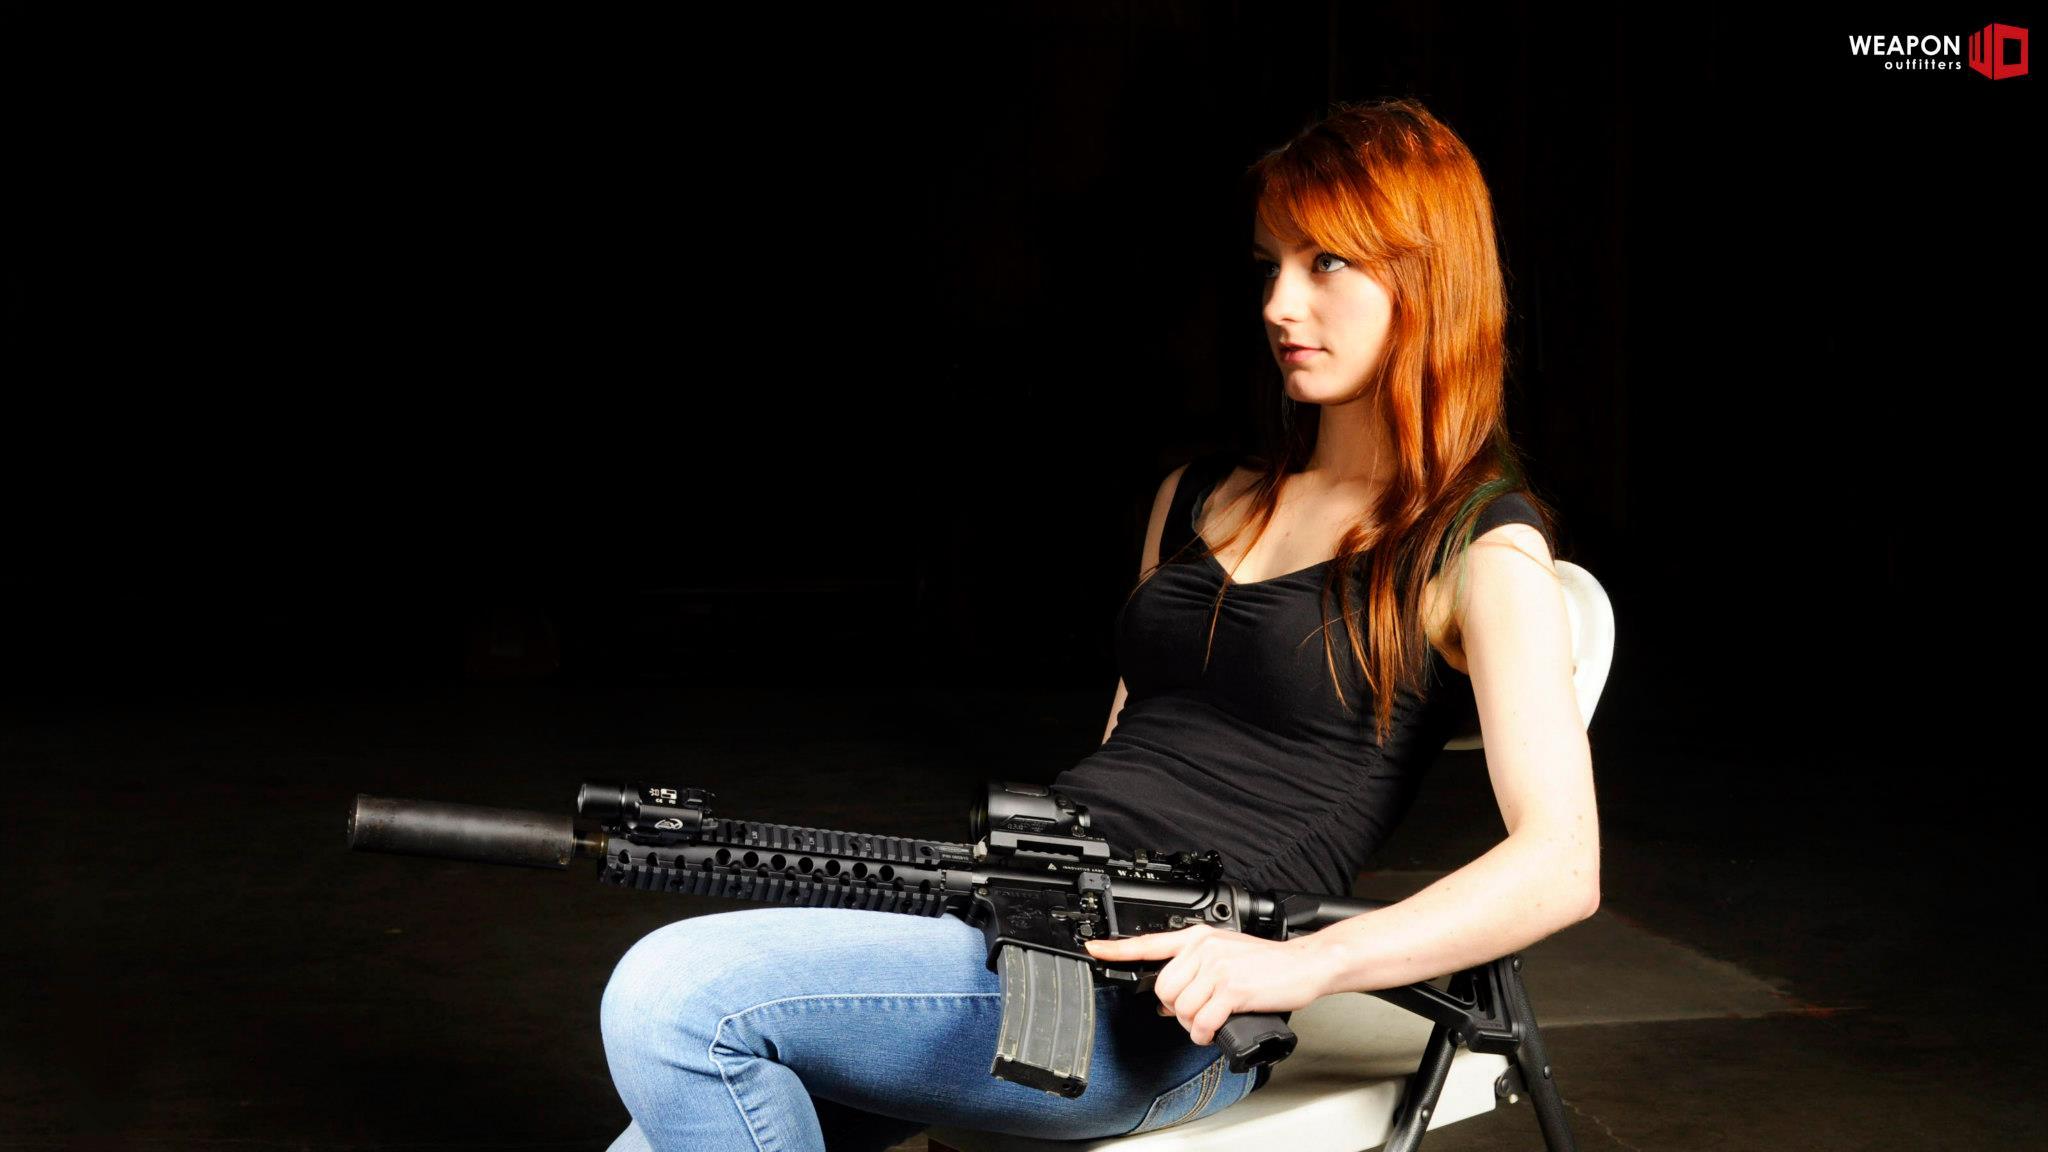 Redhead with gun